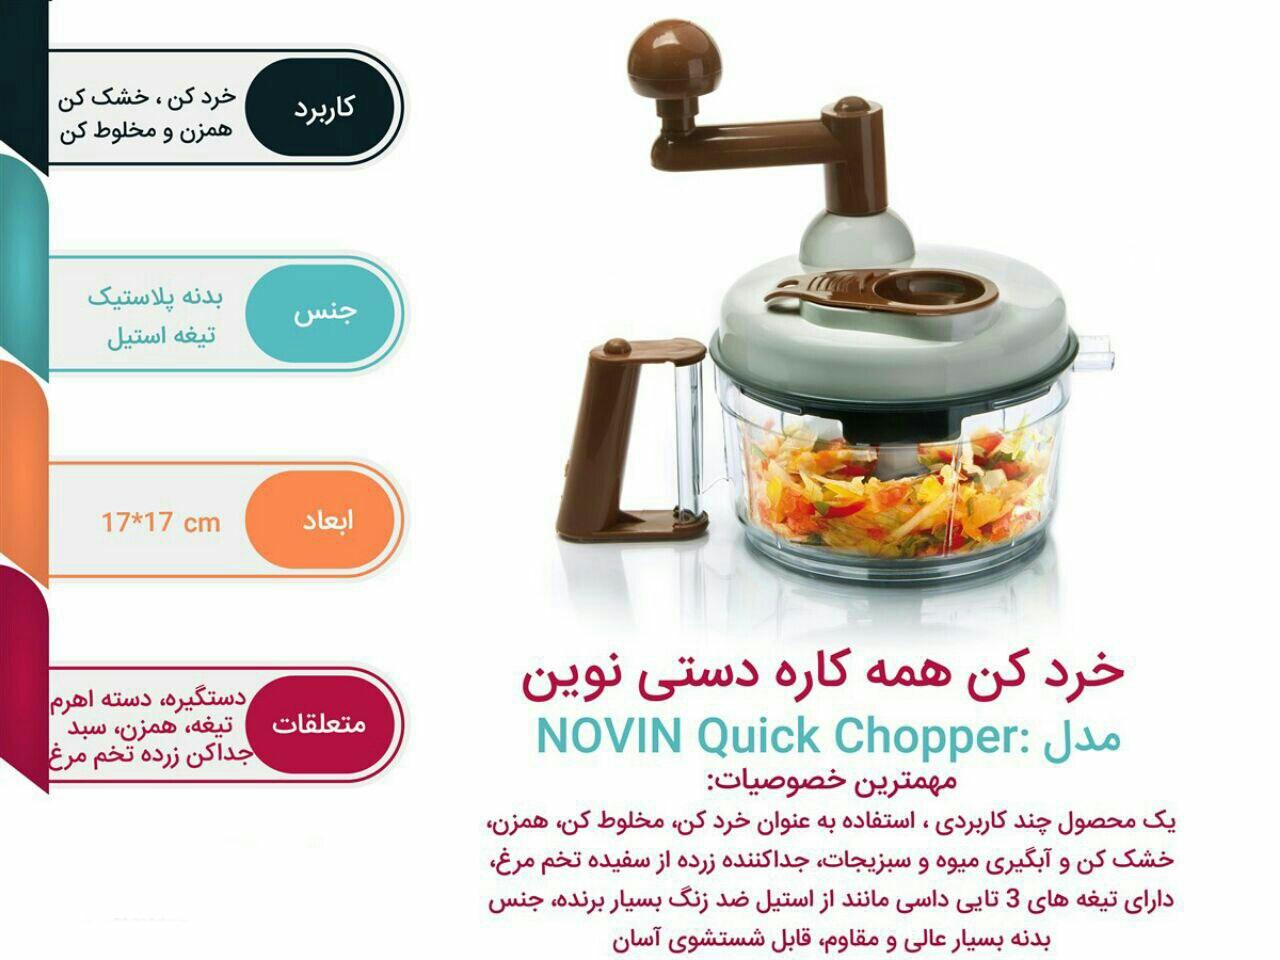 غذاساز دستی نوین فرم مدل Quick Chopper